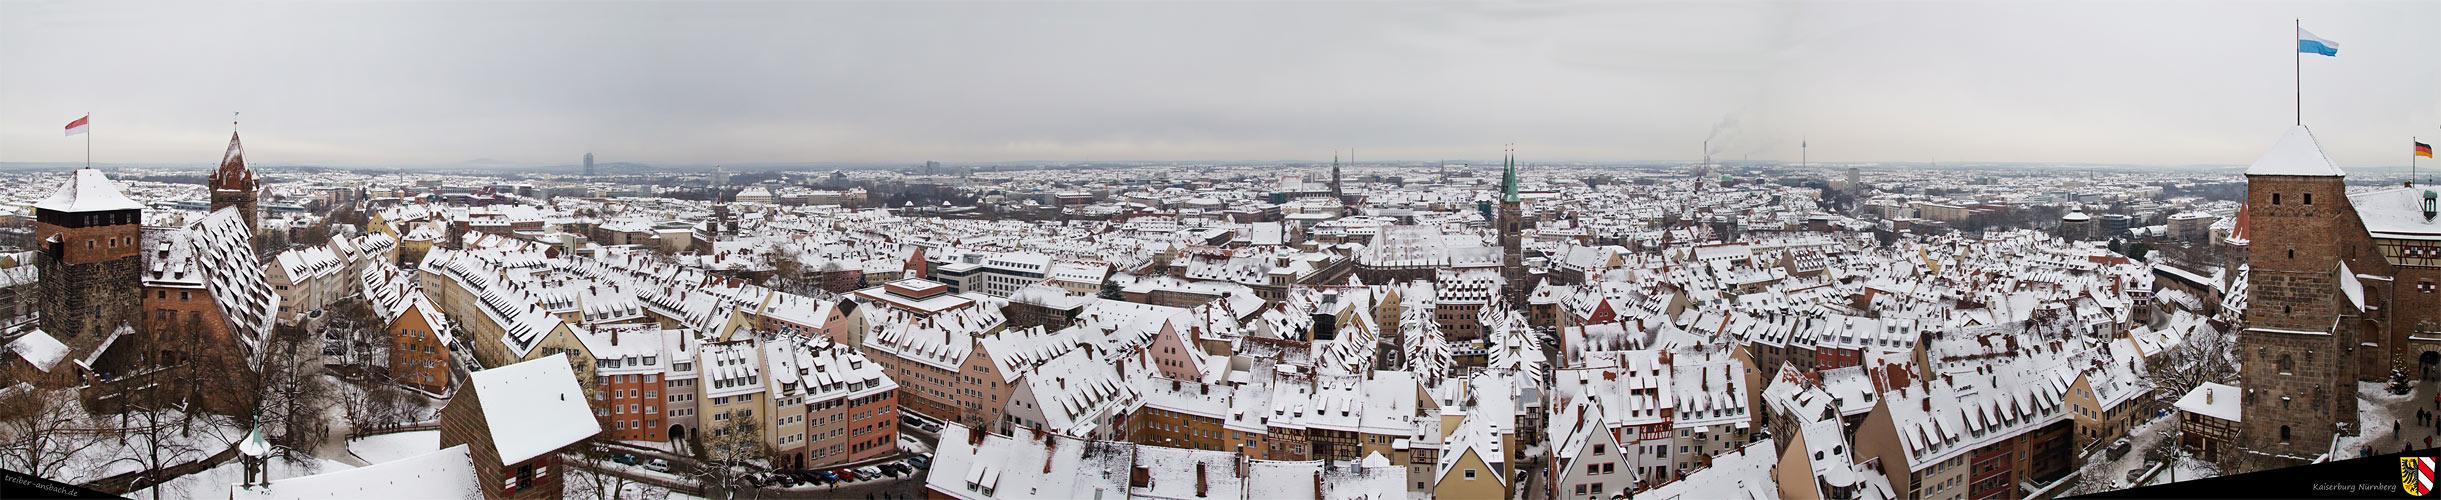 Winterliches Panorama von Nürnberg